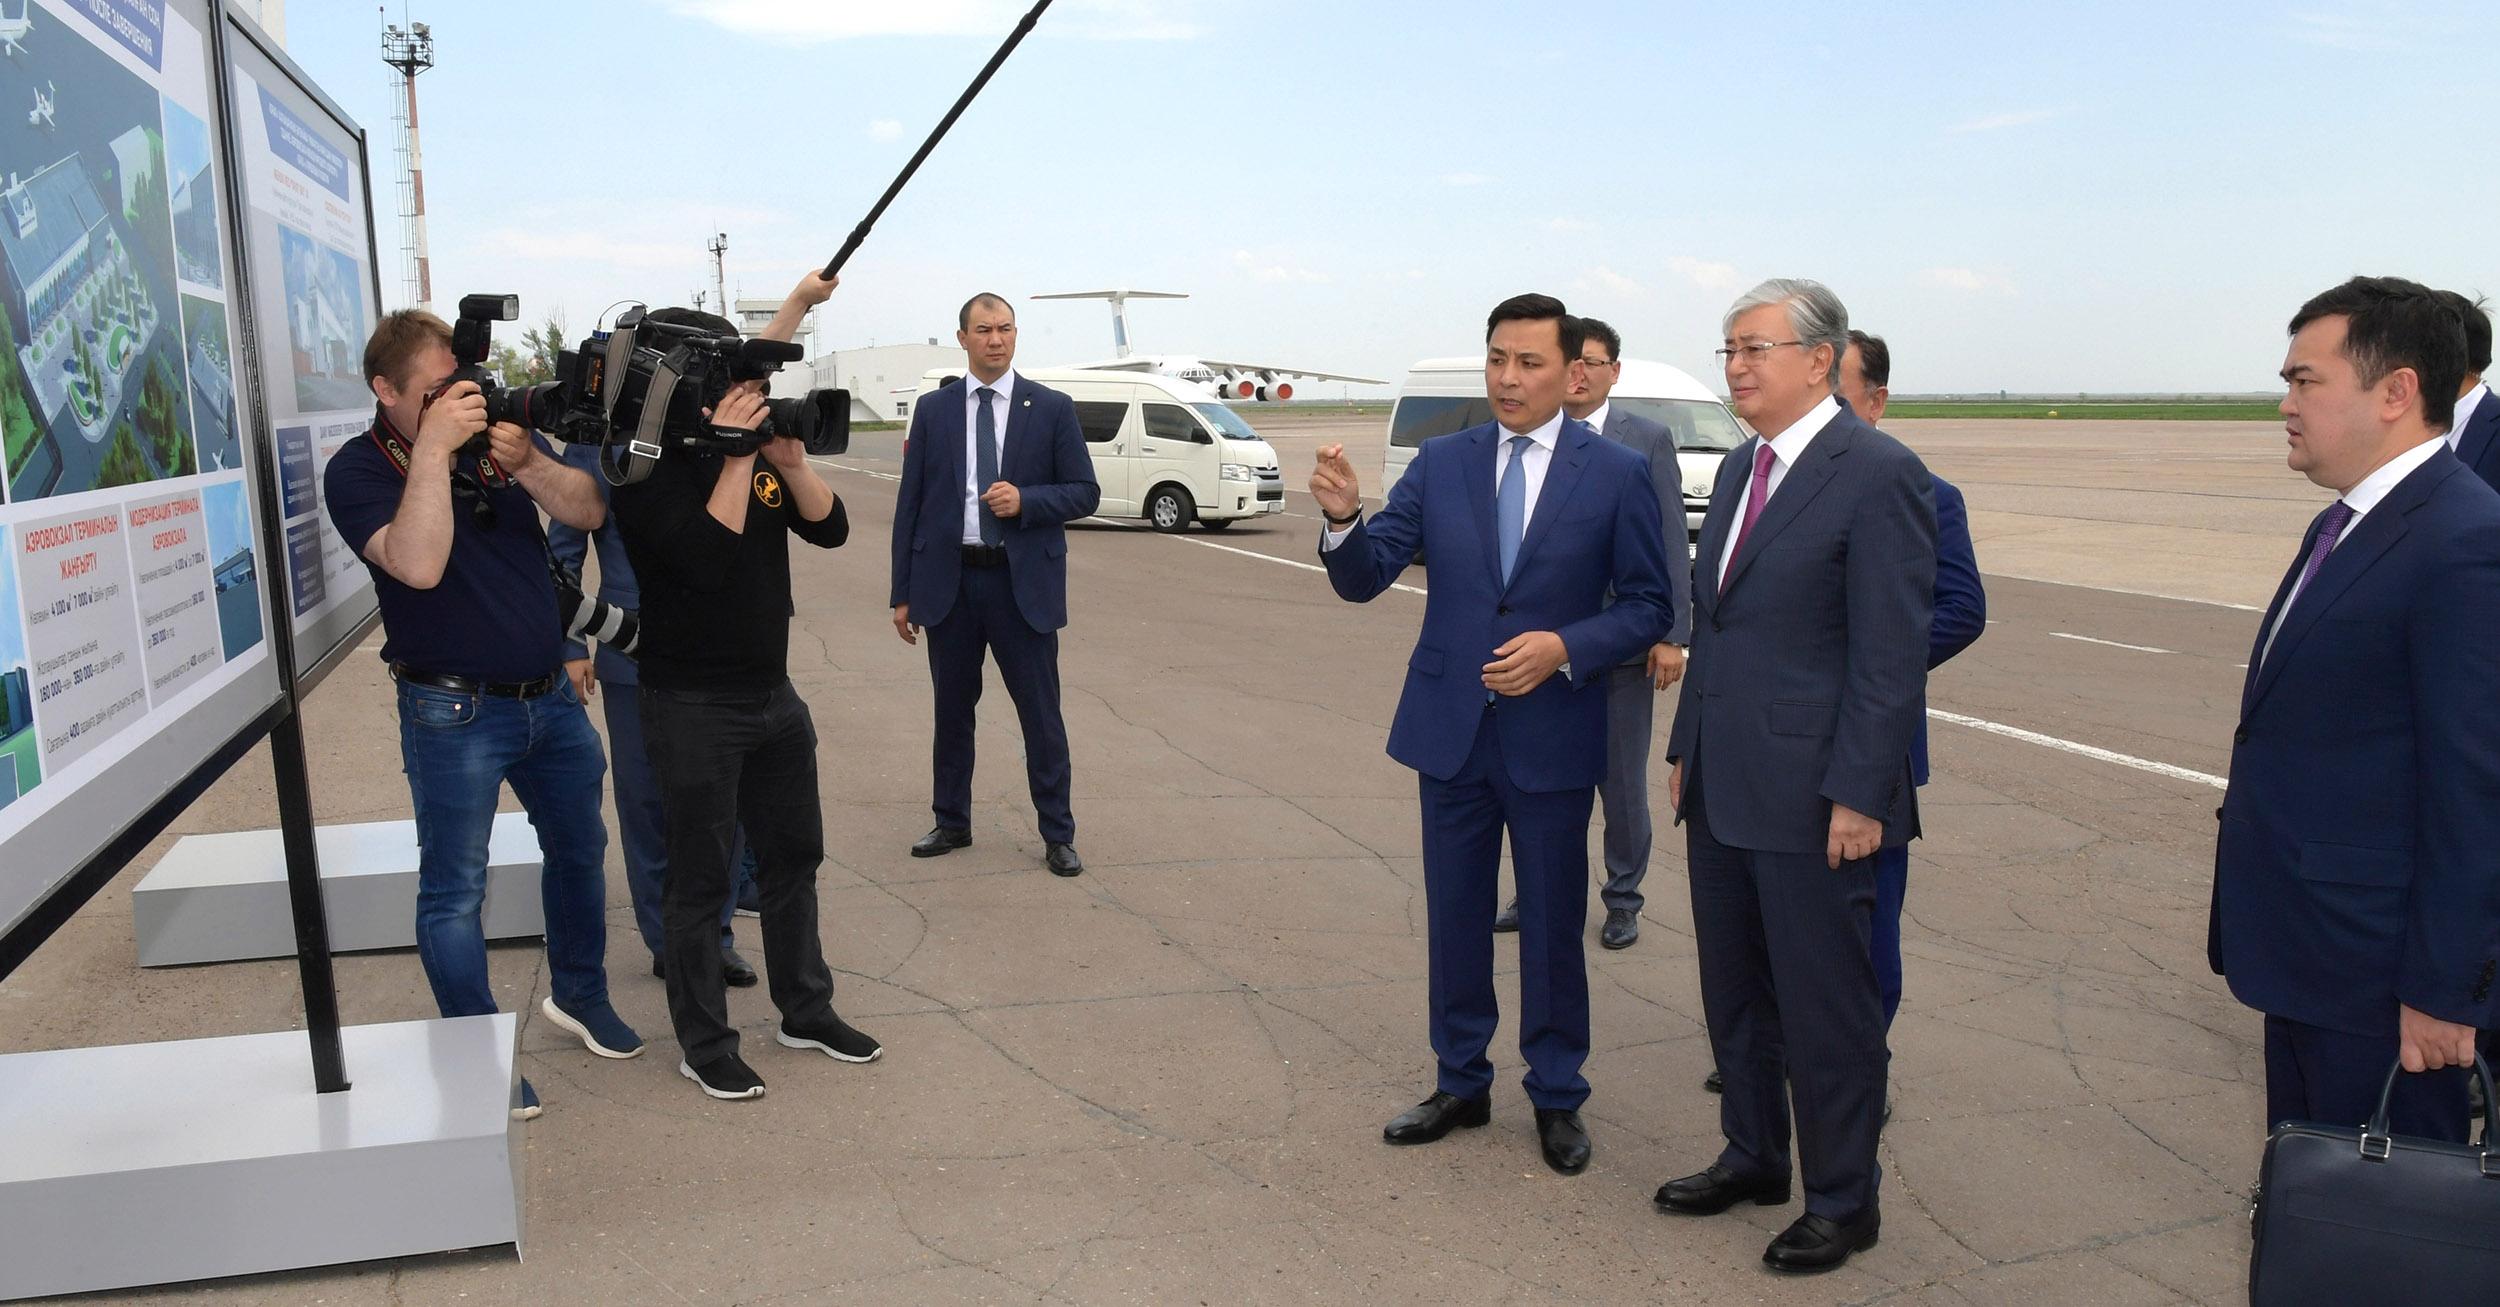 Касым-Жомарт Токаев: «Мы откроем бизнесу доступ к регулируемым закупкам»